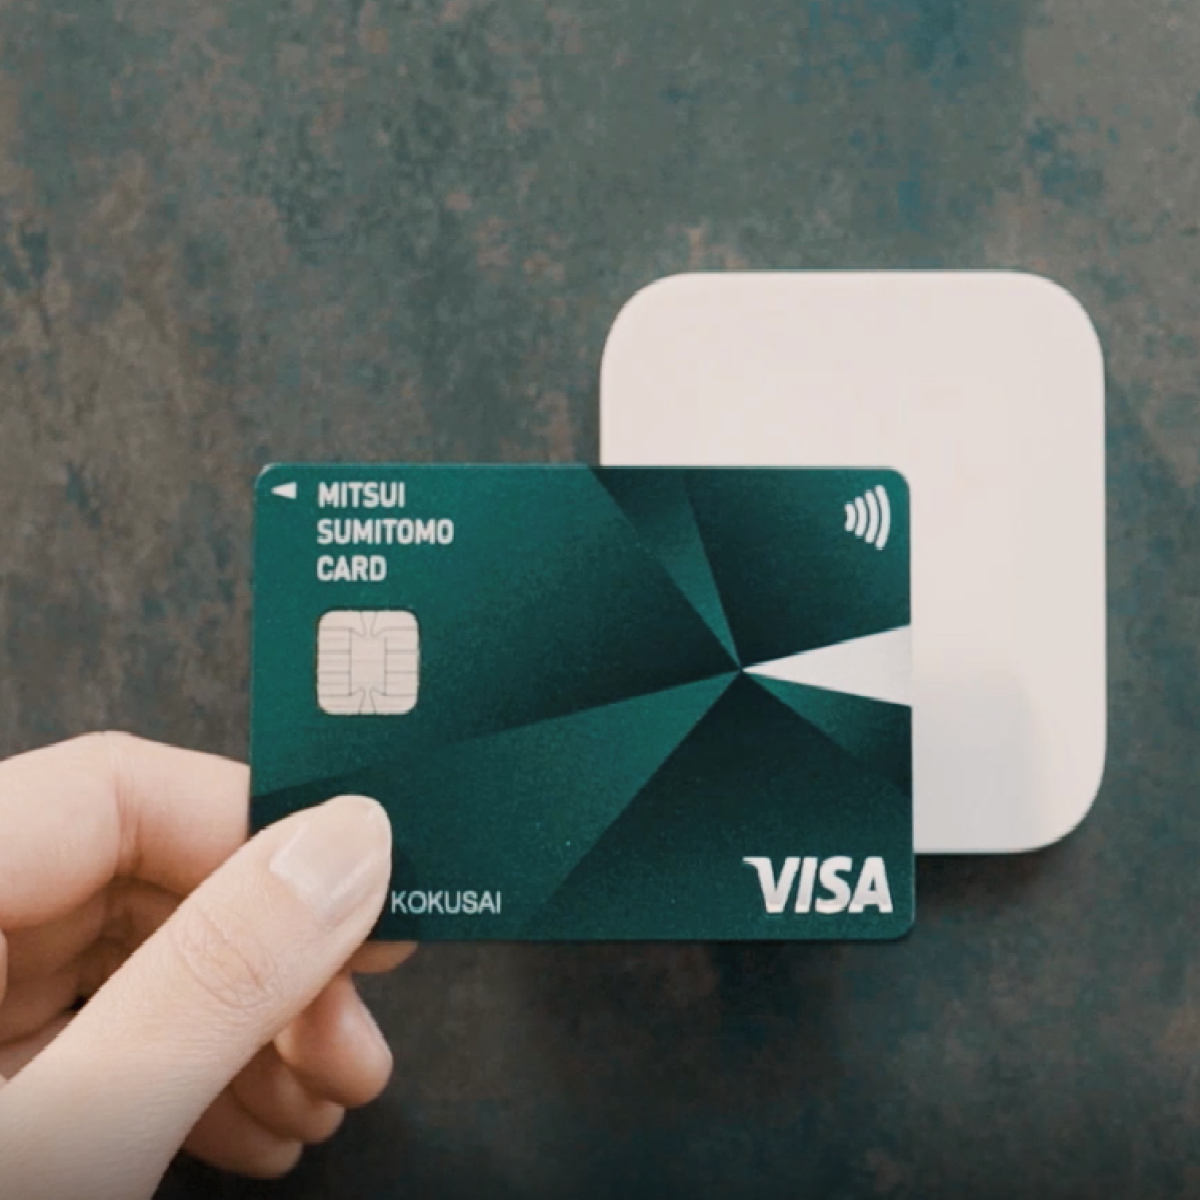 【自由テーマ】タッチハッピー ~Visaのタッチ決済で社会貢献~